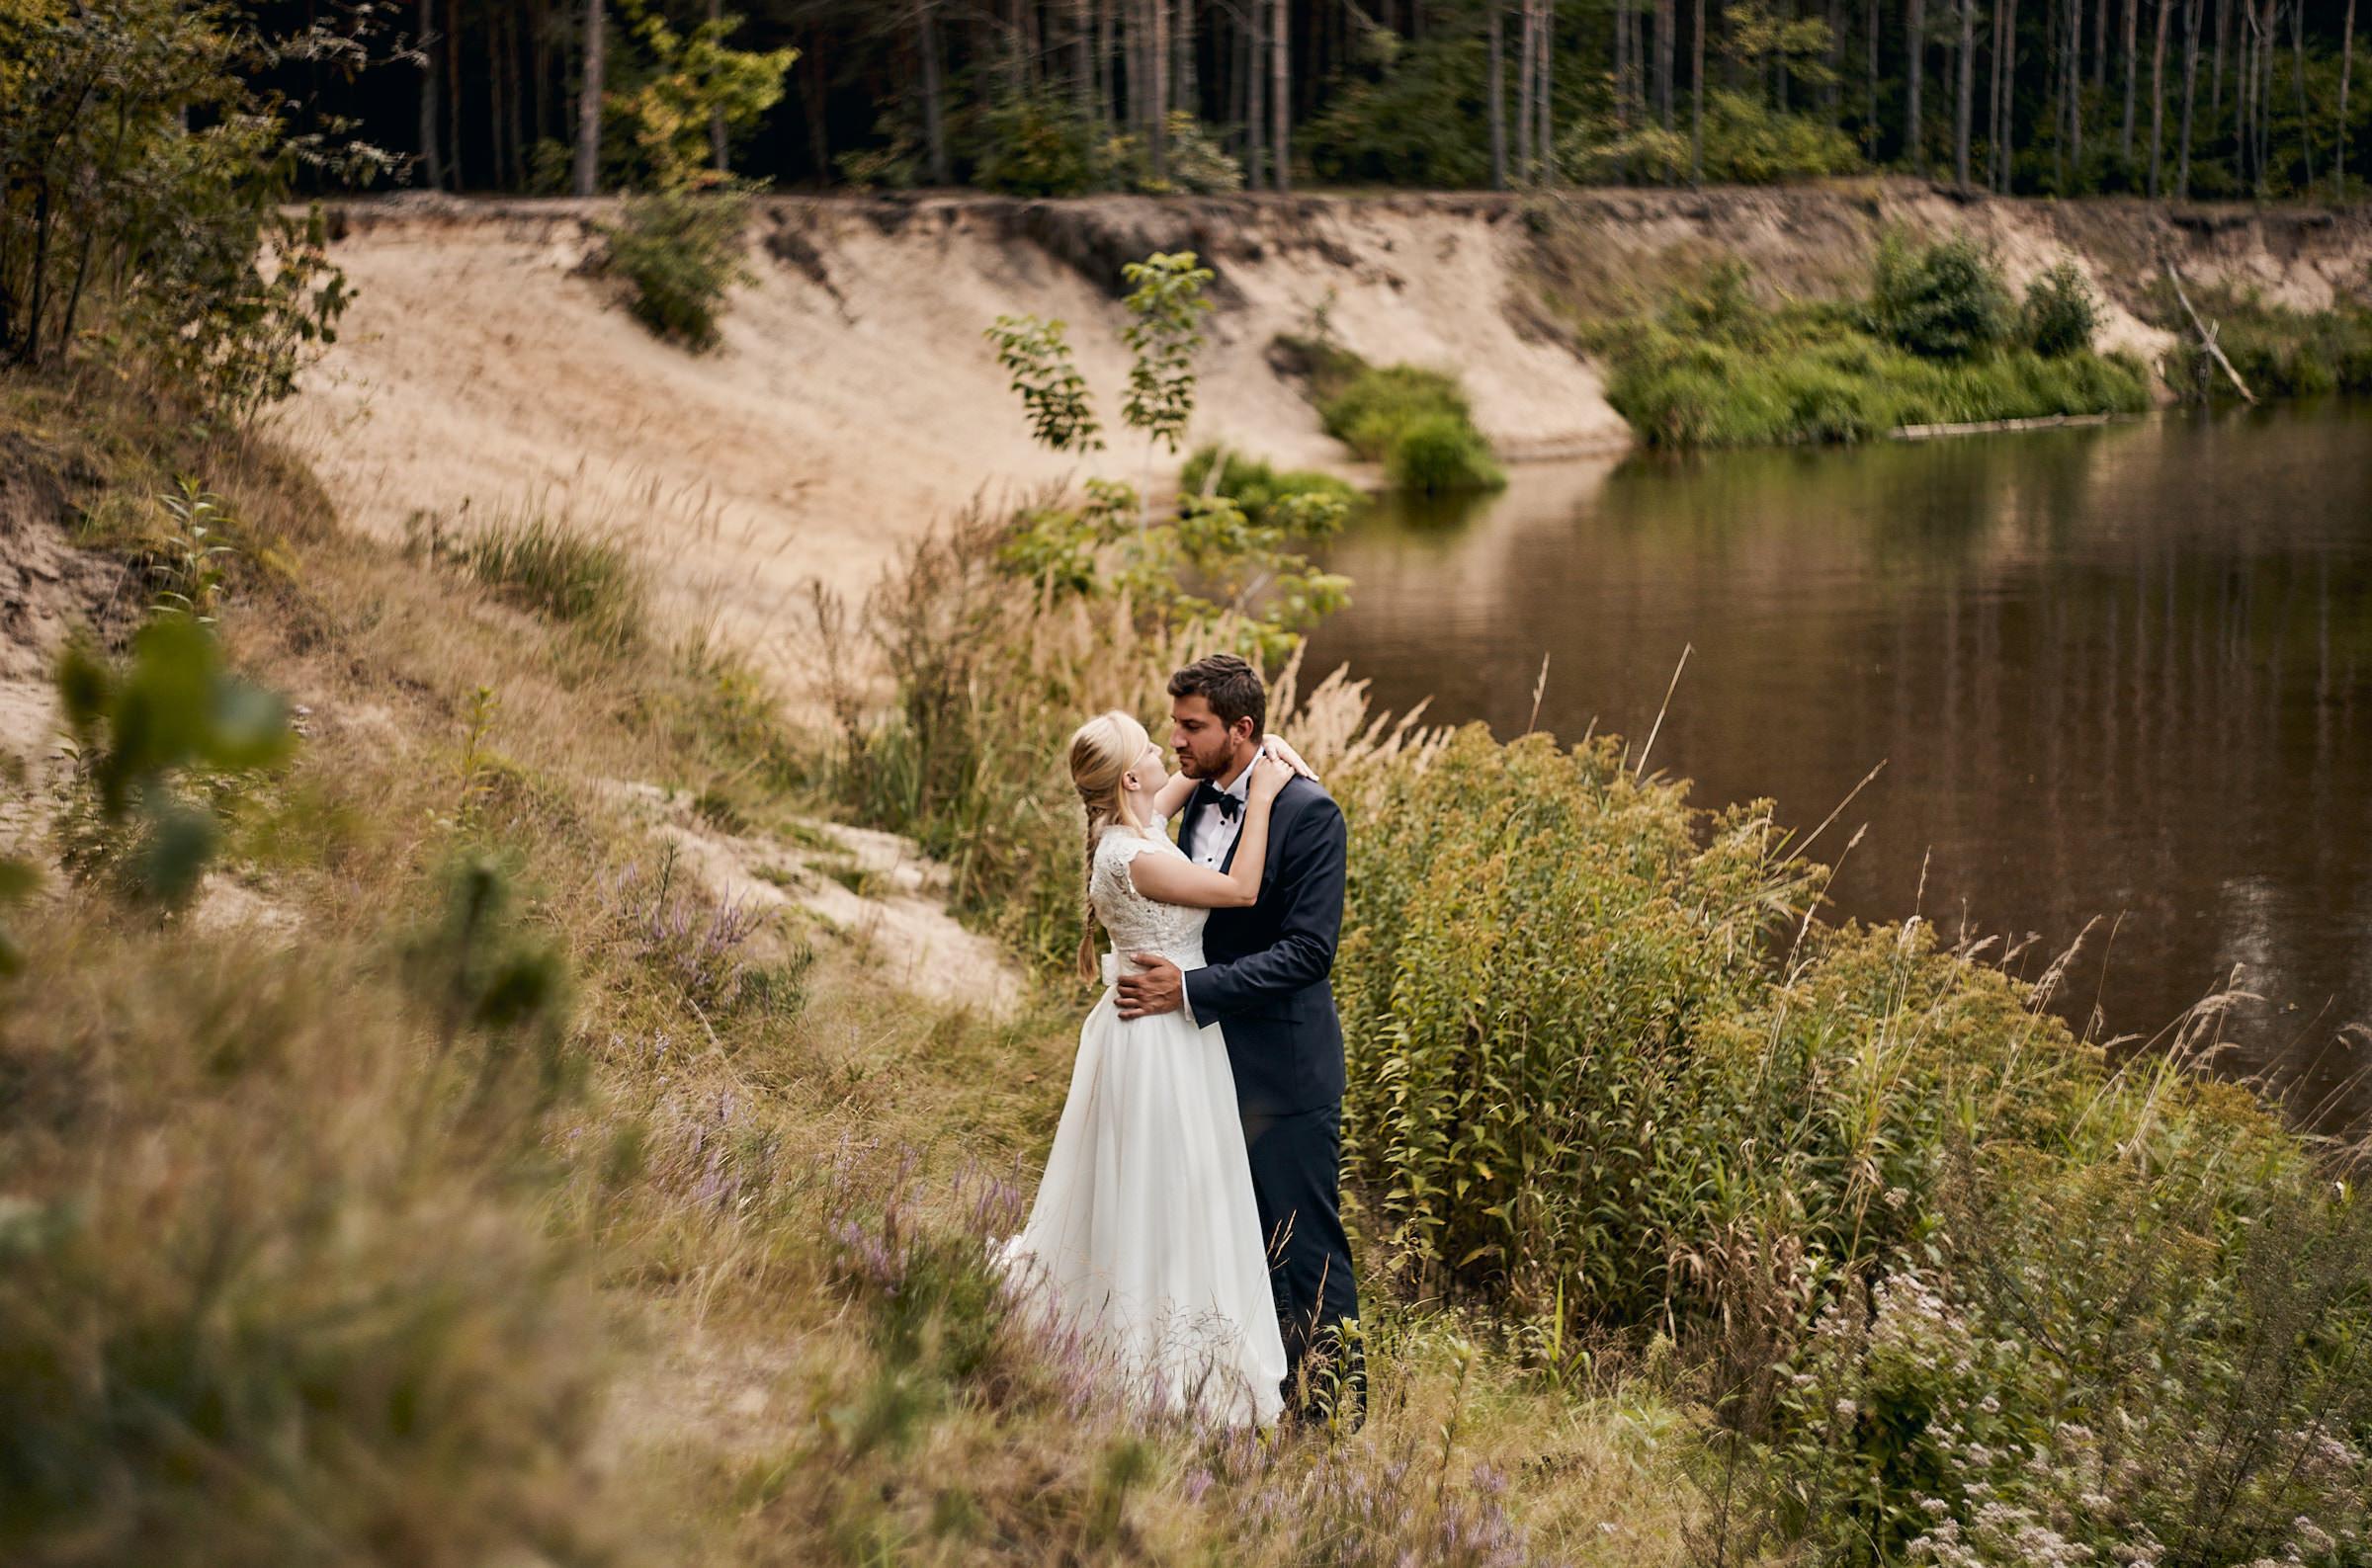 sesja ślubna nad rzeką świder